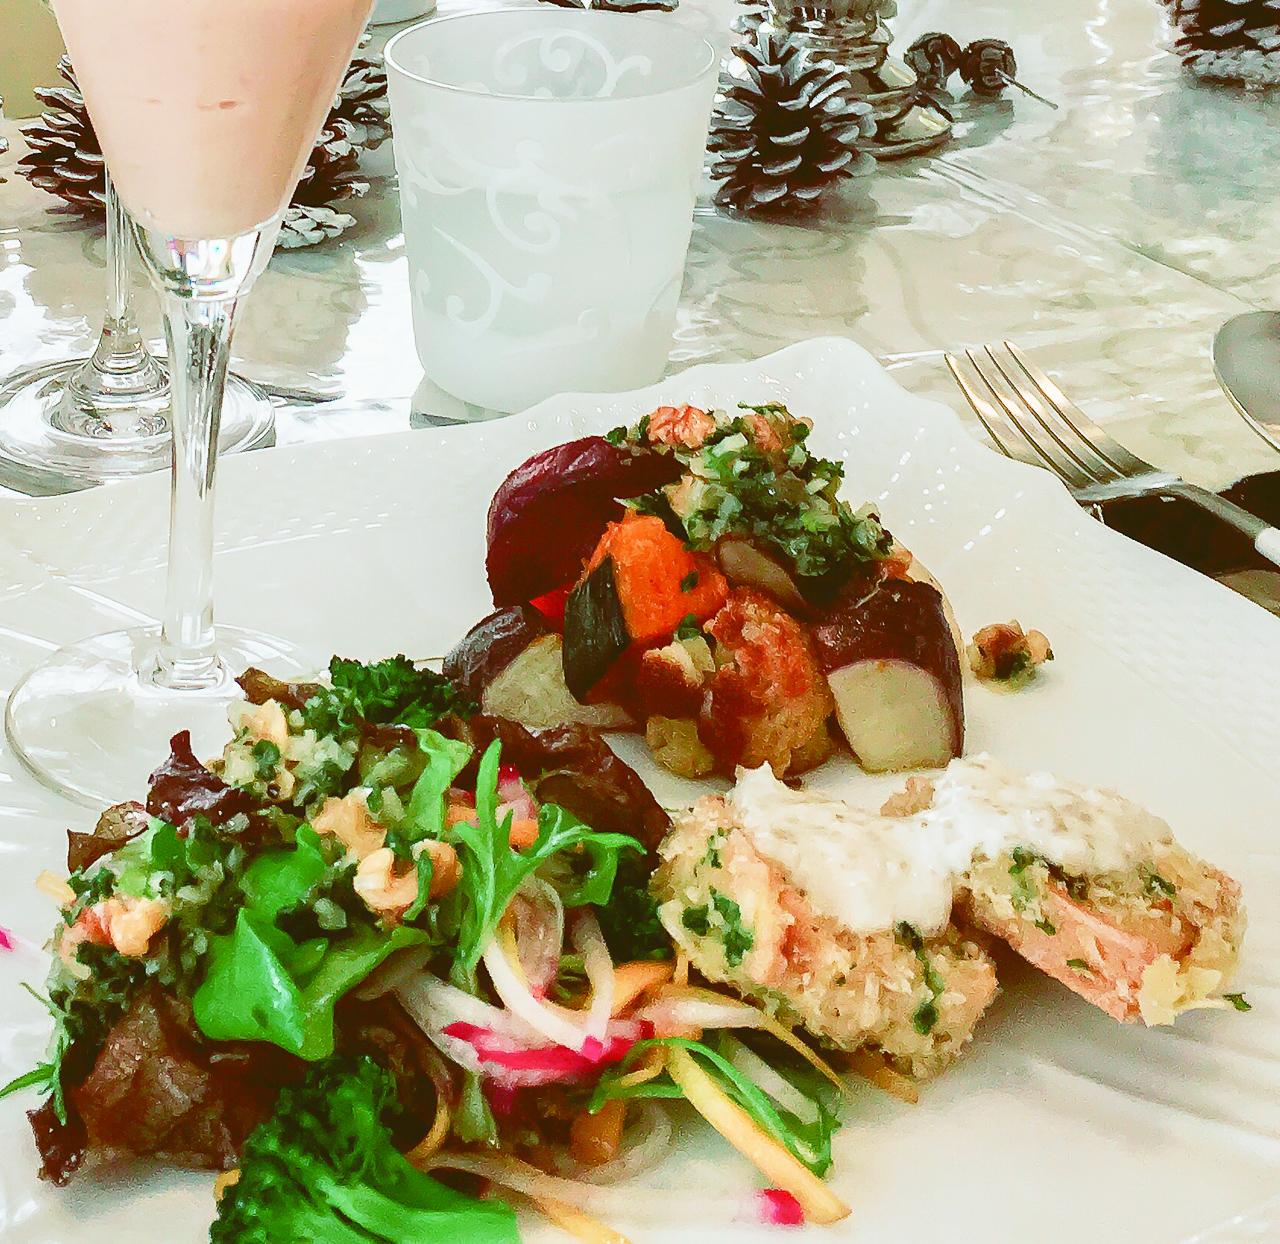 オガライフライターmichieさんのお料理「グリル野菜と生野菜のパセリソースがけ」